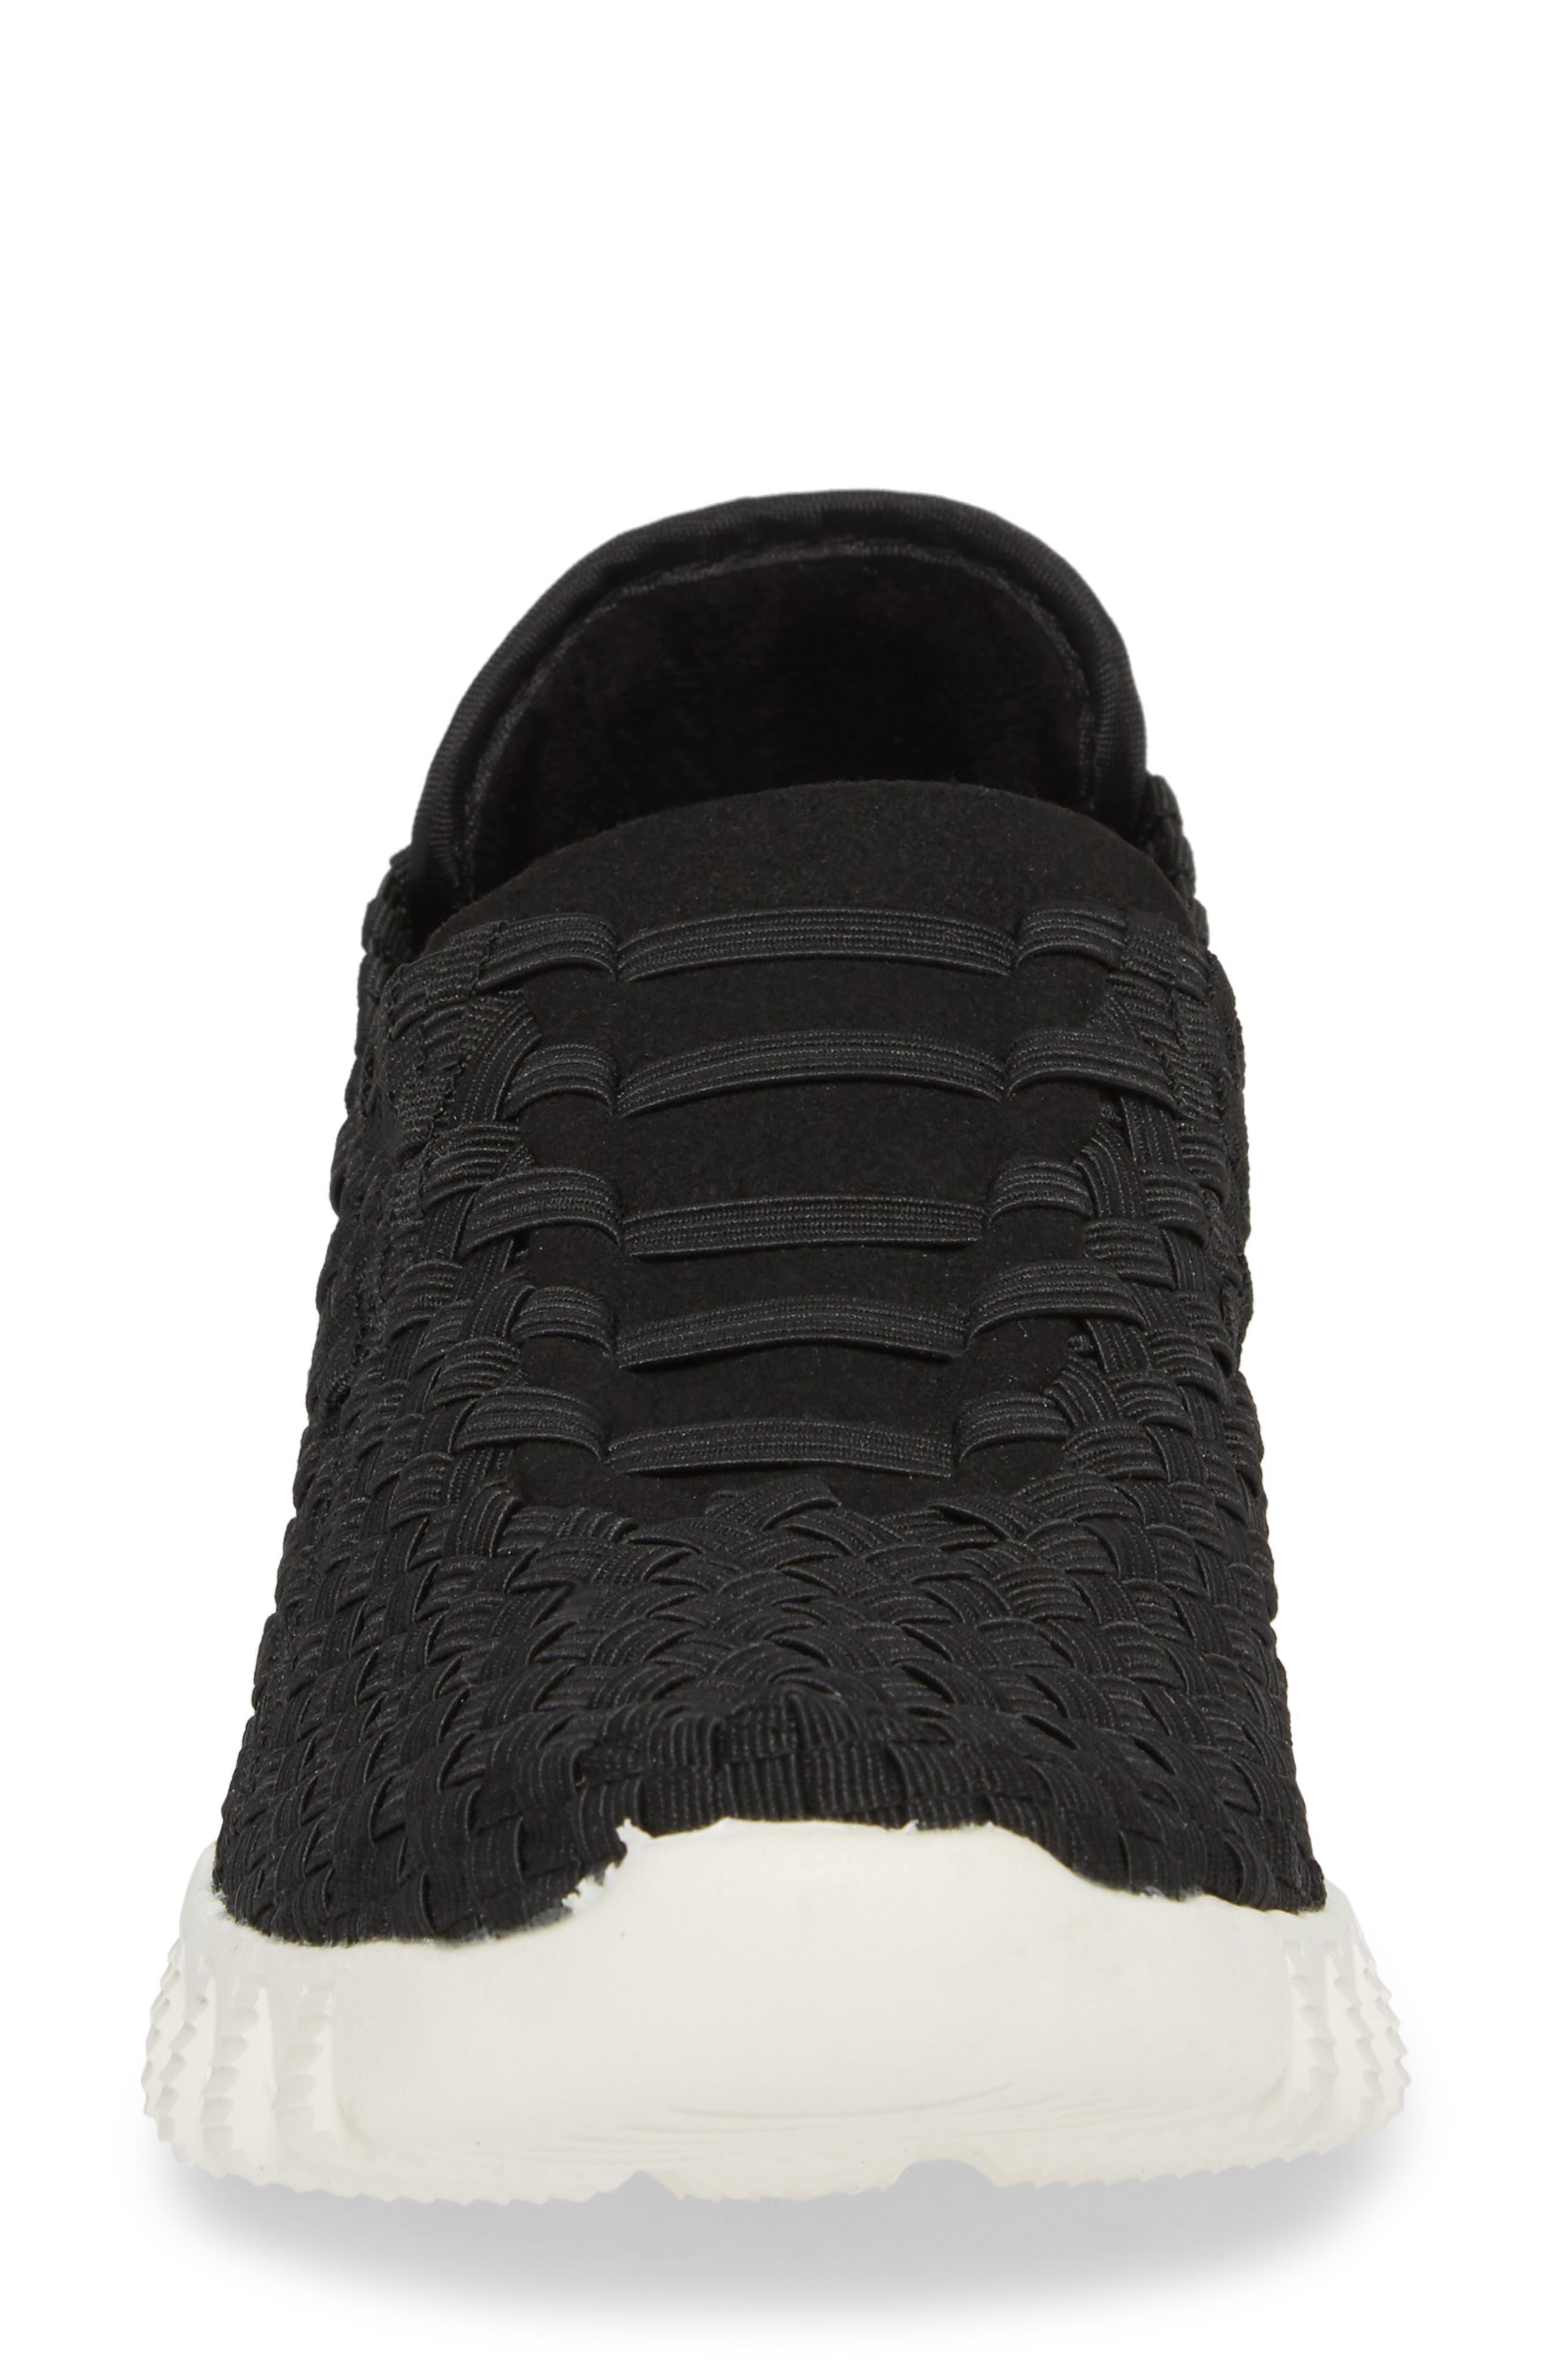 Vivaldi Slip-On Sneaker,                             Alternate thumbnail 4, color,                             Black